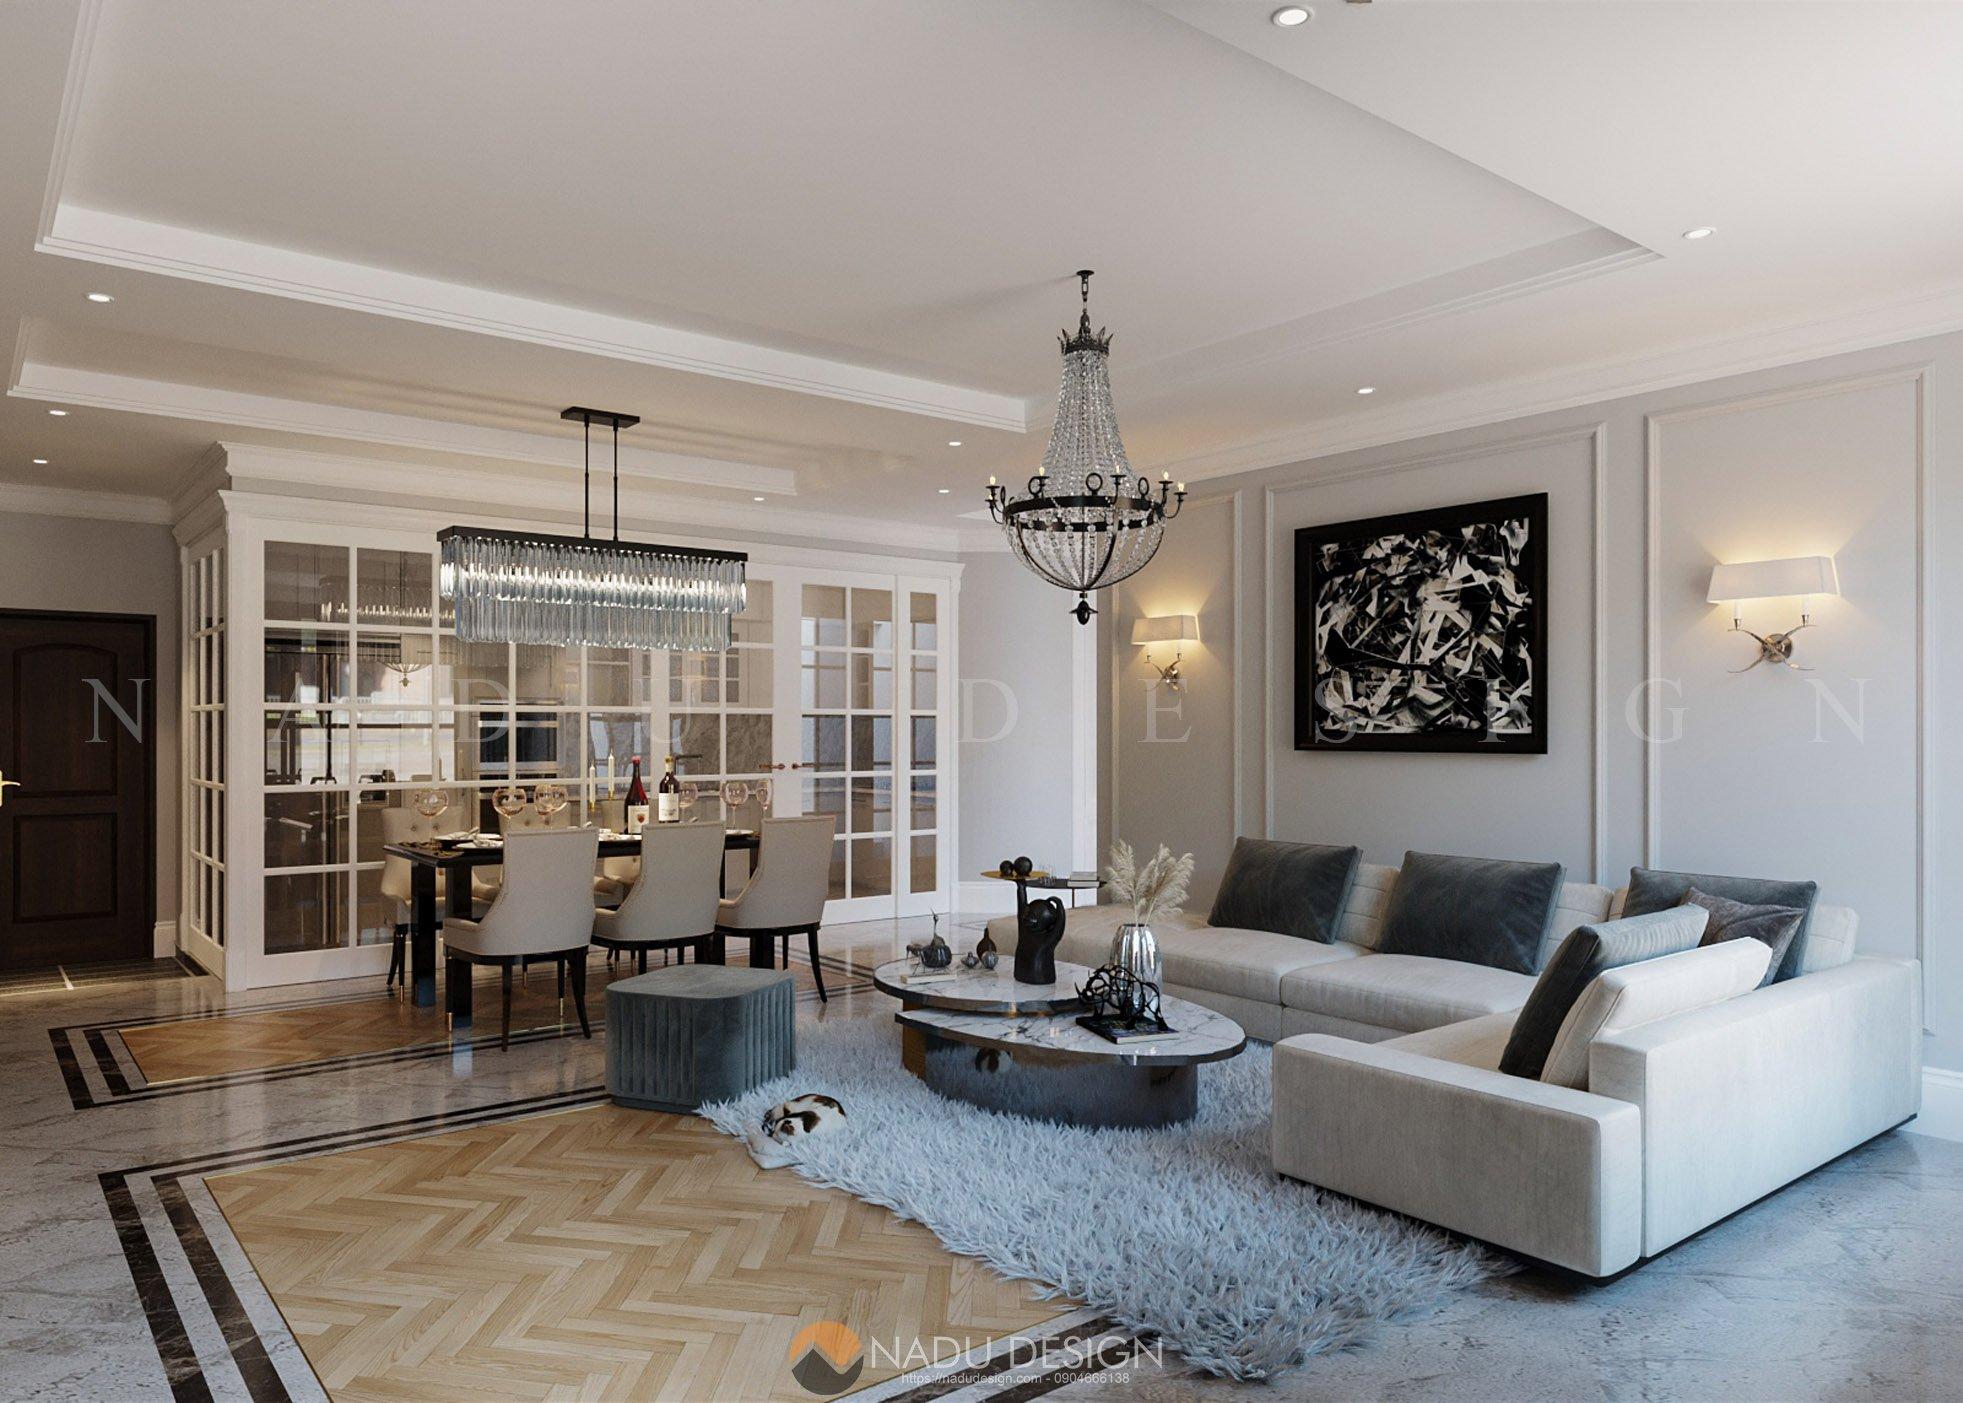 Thiết kế biệt thự Vinhomes siêu chất với nội thất độc lạ